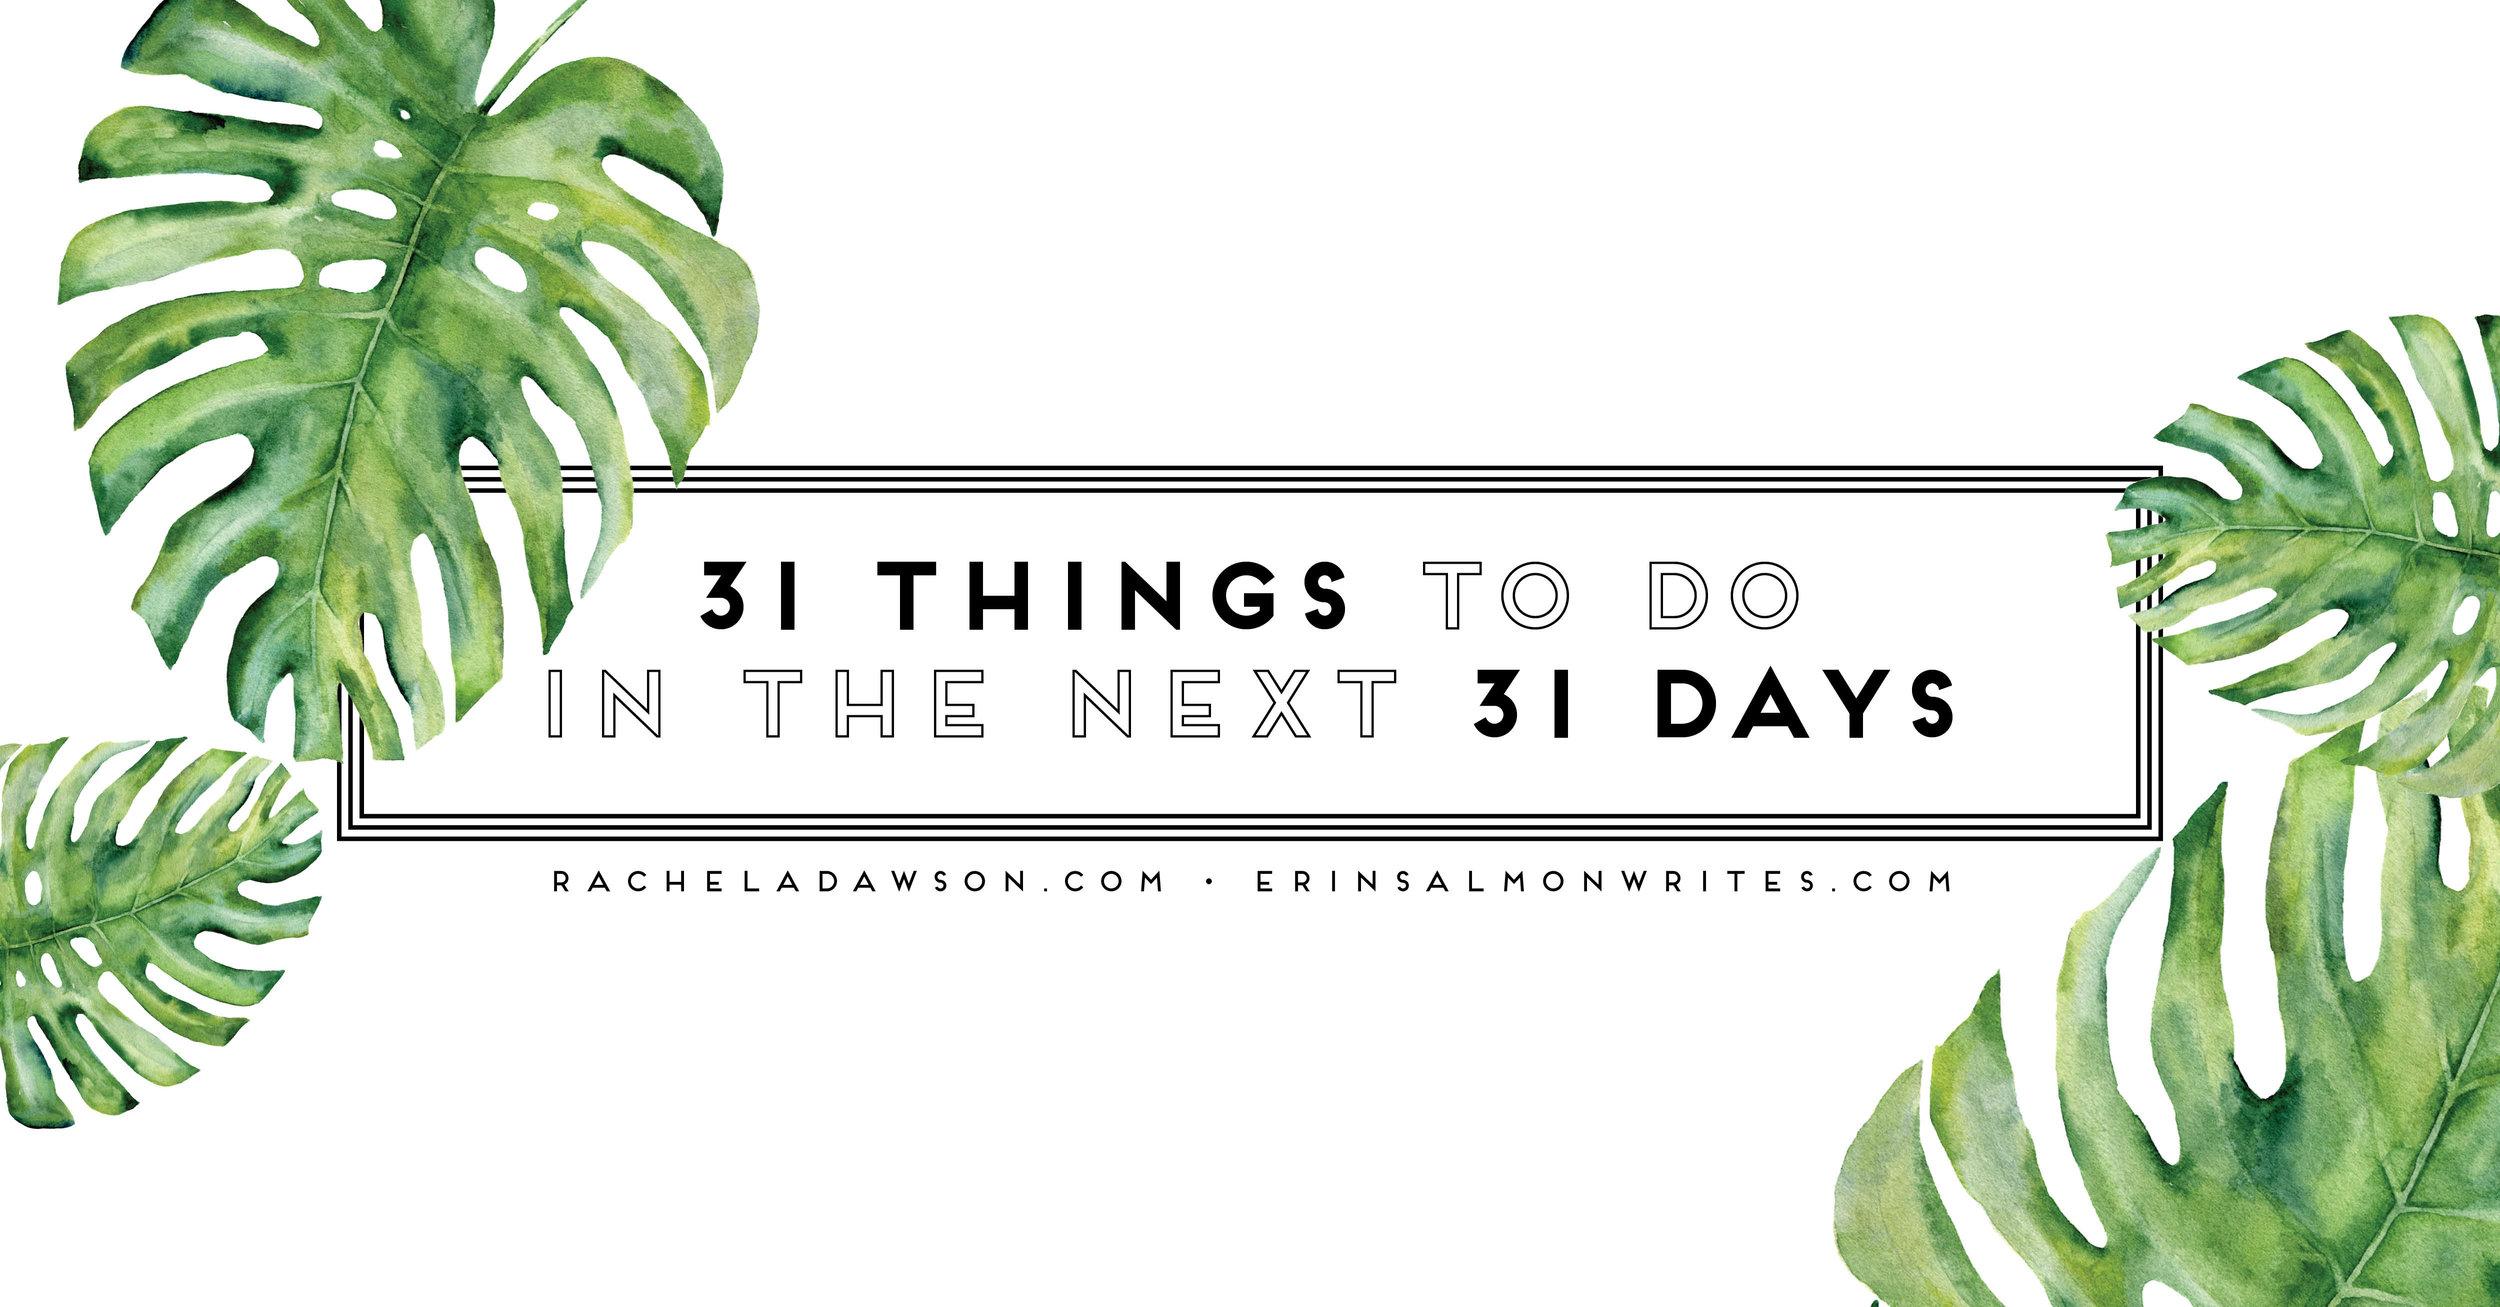 31things31days_facebook.jpg